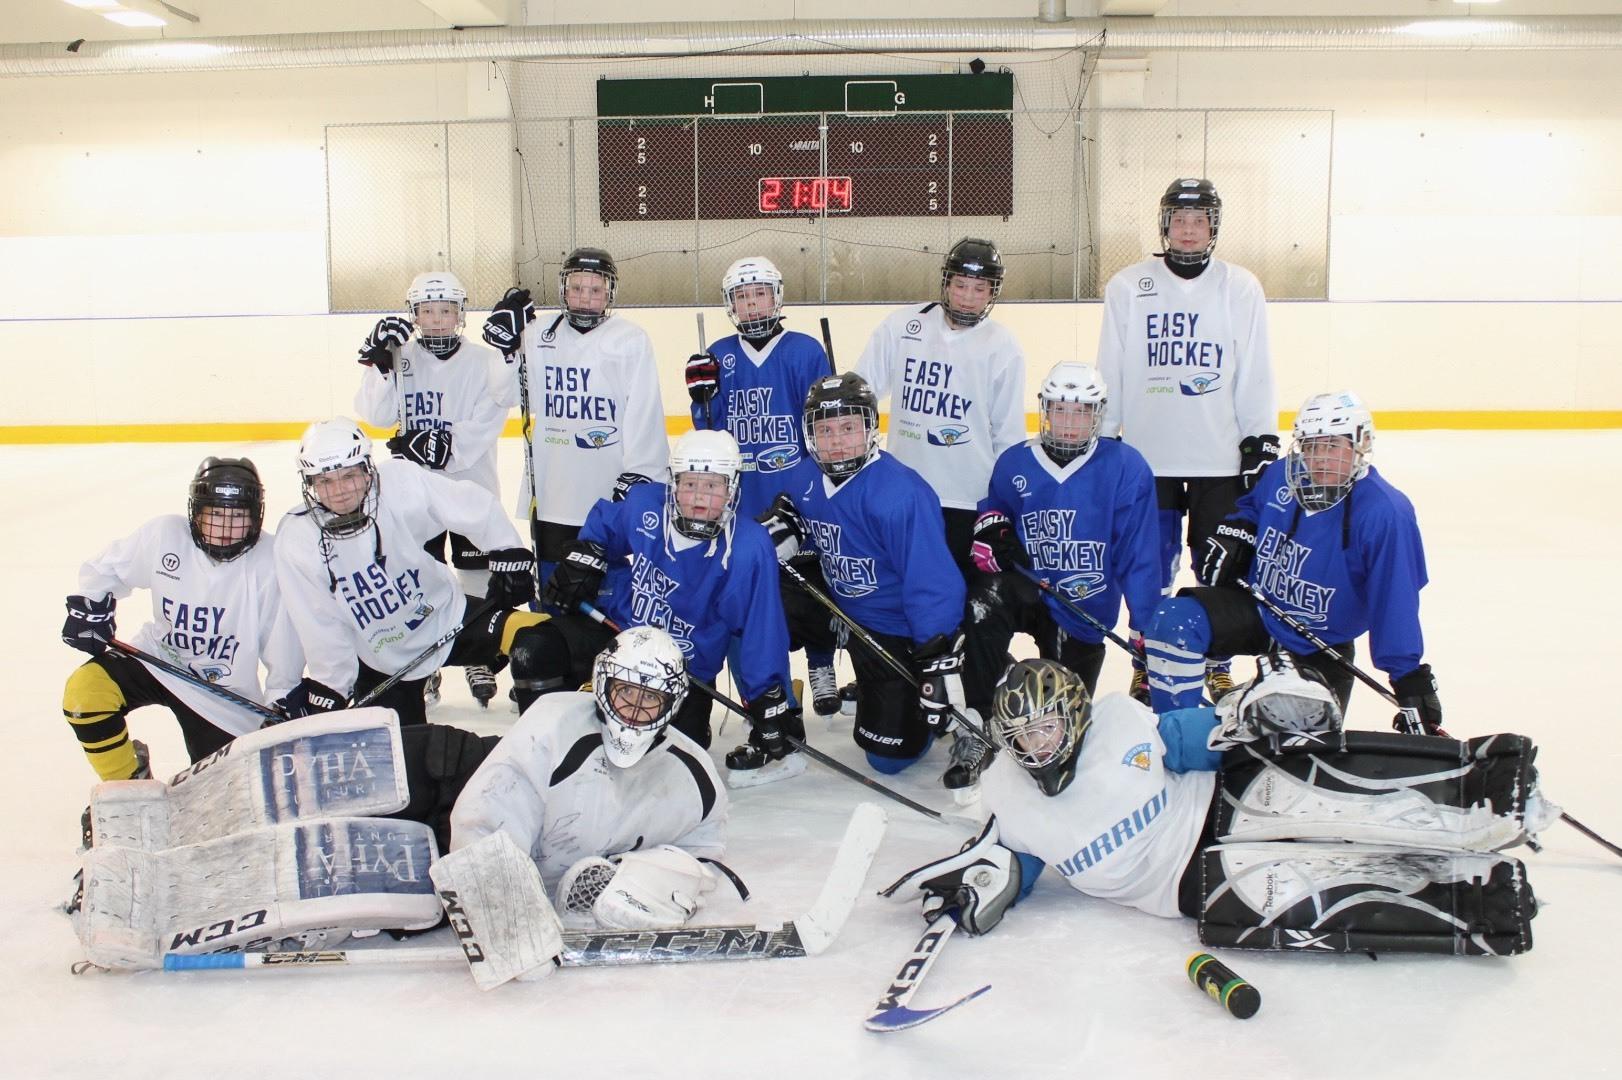 Easy Hockey toiminta - Hokia hyvällä meiningillä!